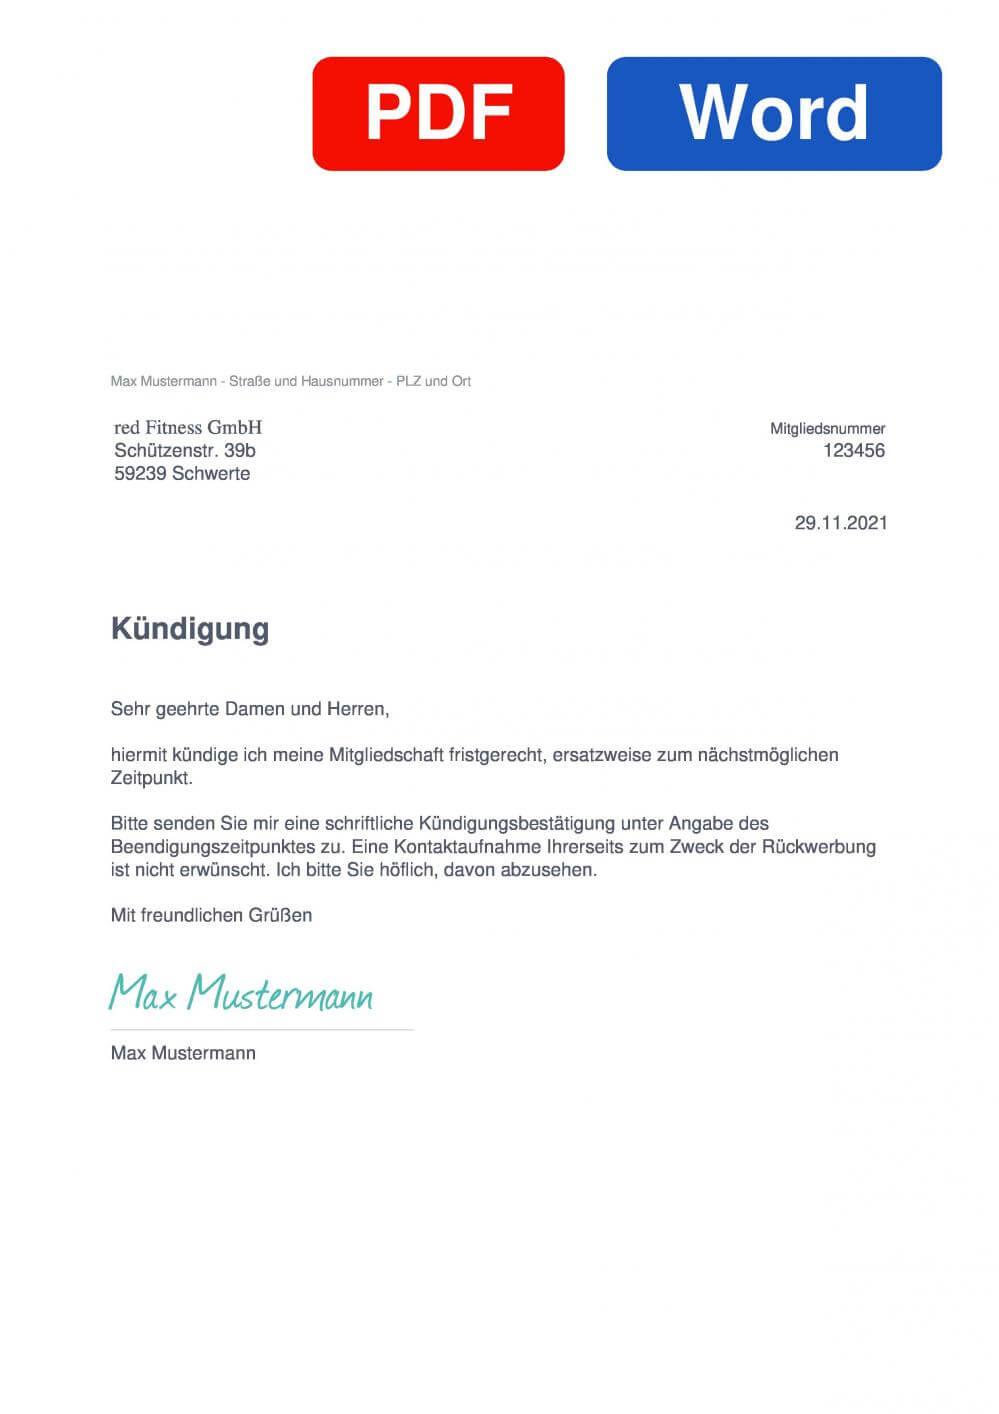 redFitness Kamen Muster Vorlage für Kündigungsschreiben